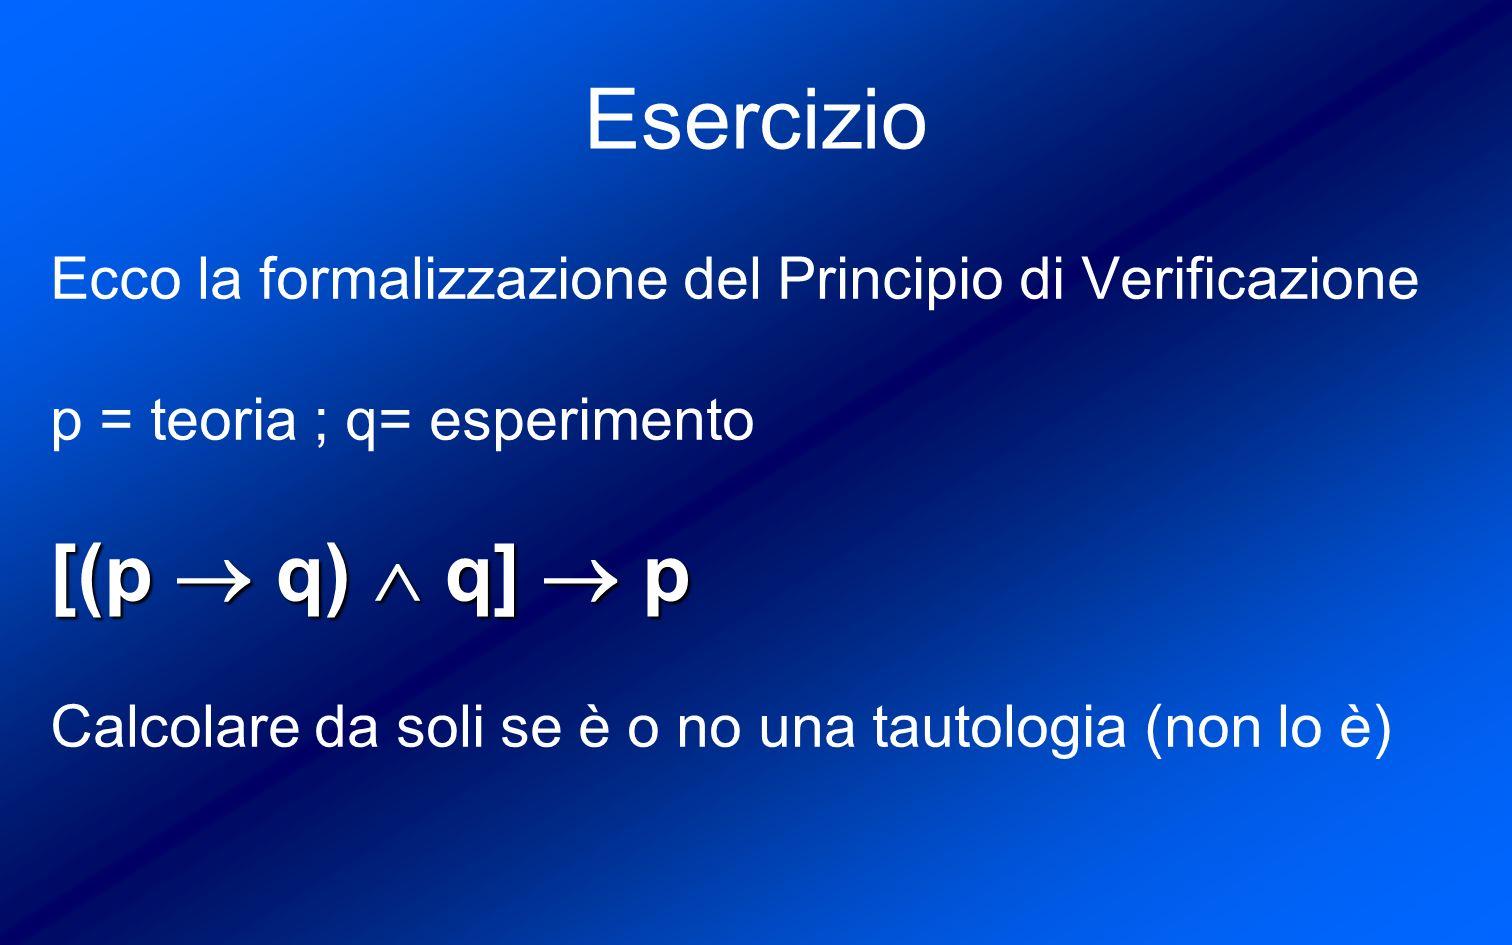 Esercizio Ecco la formalizzazione del Principio di Verificazione p = teoria ; q= esperimento [(p q) q] p Calcolare da soli se è o no una tautologia (non lo è)